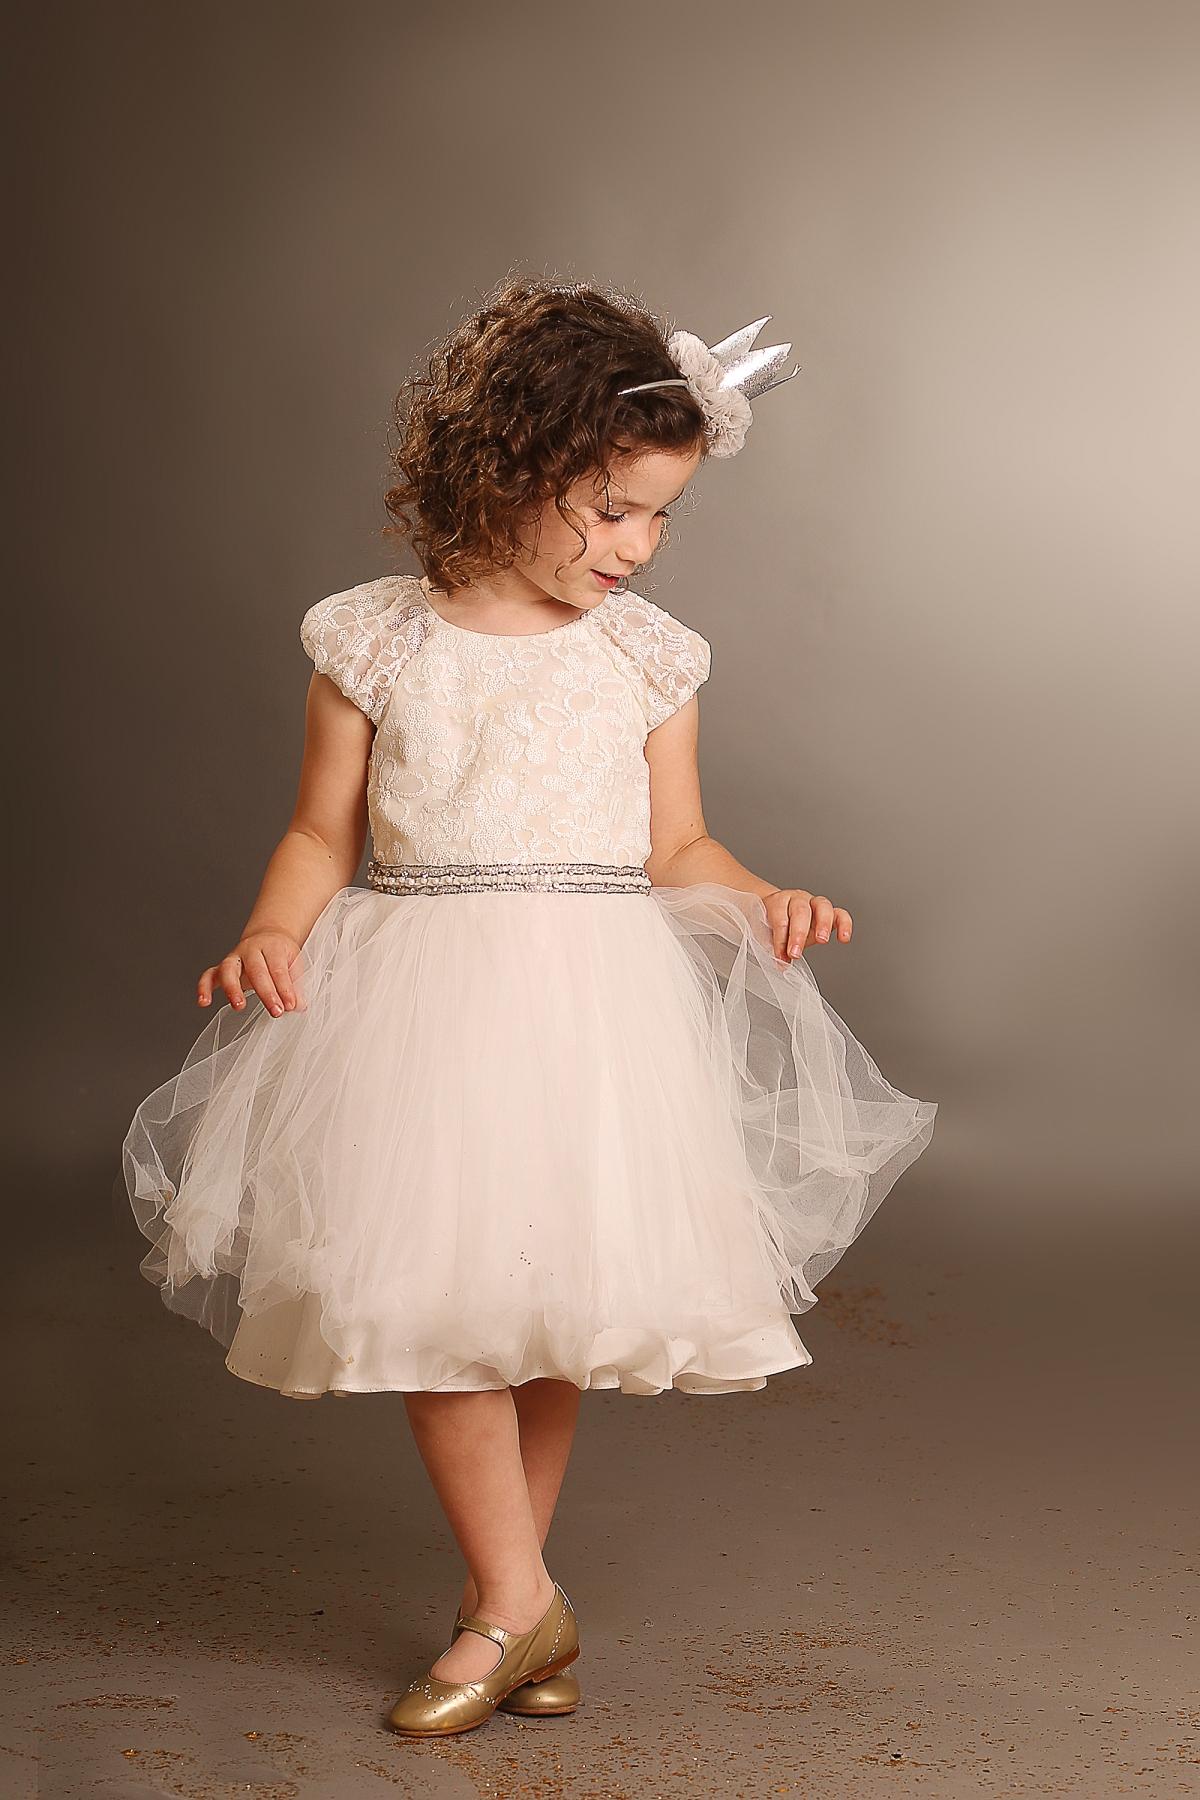 ילדה בשמלה לבנה מסתכלת על השמלה